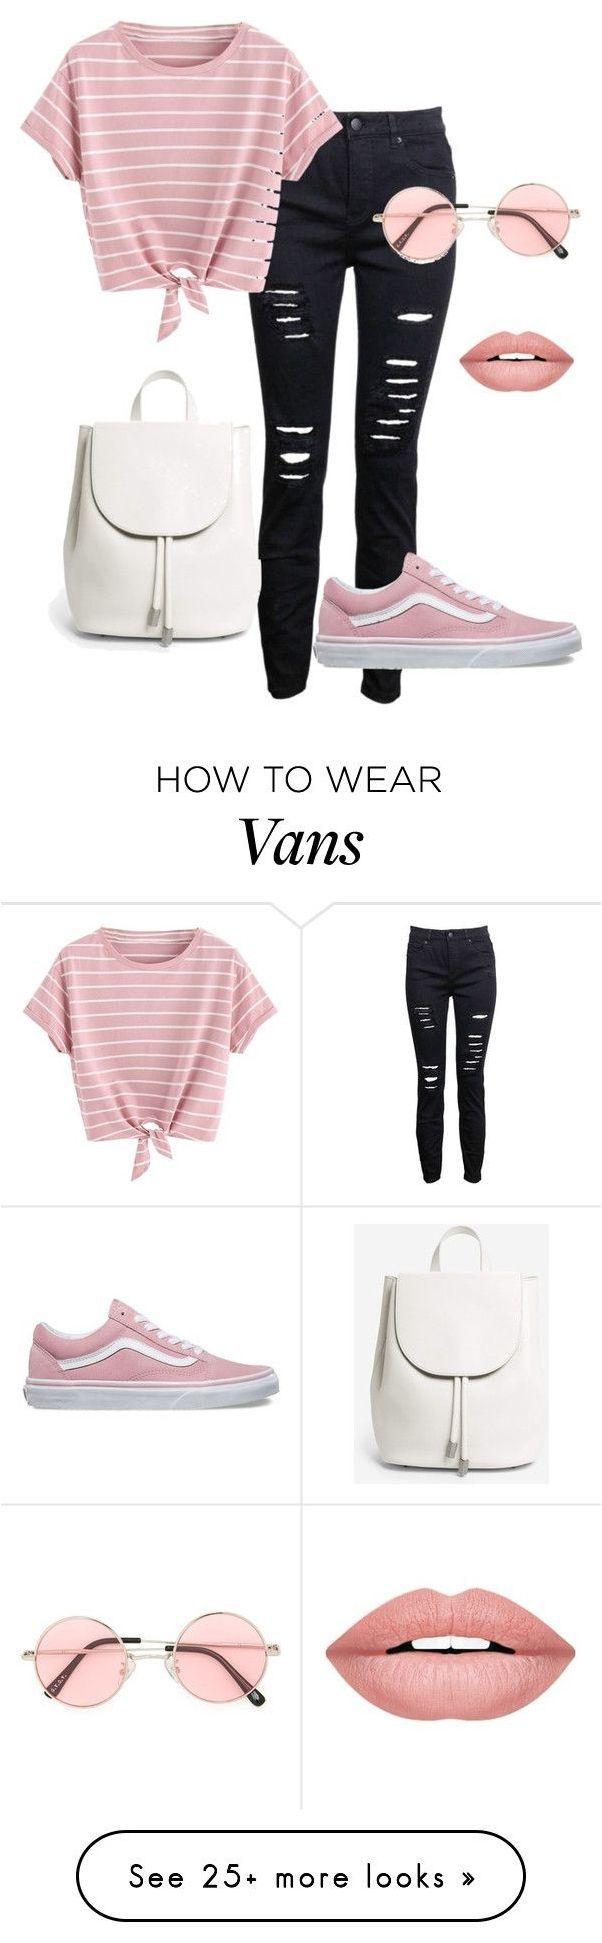 Teen Kleidung. Holen Sie sich Ihre coolsten, direkt aus dem Cat-Walk, Trends, Ho…